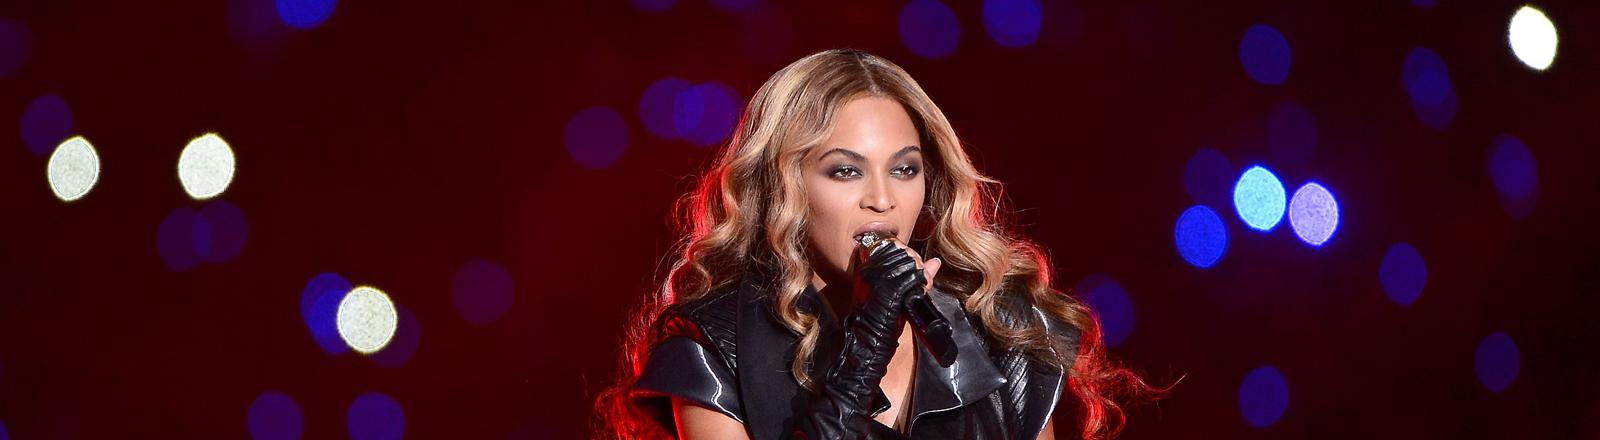 Beyoncé auf der Bühne mit Mikrofon in der Hand. Bild: dpa.